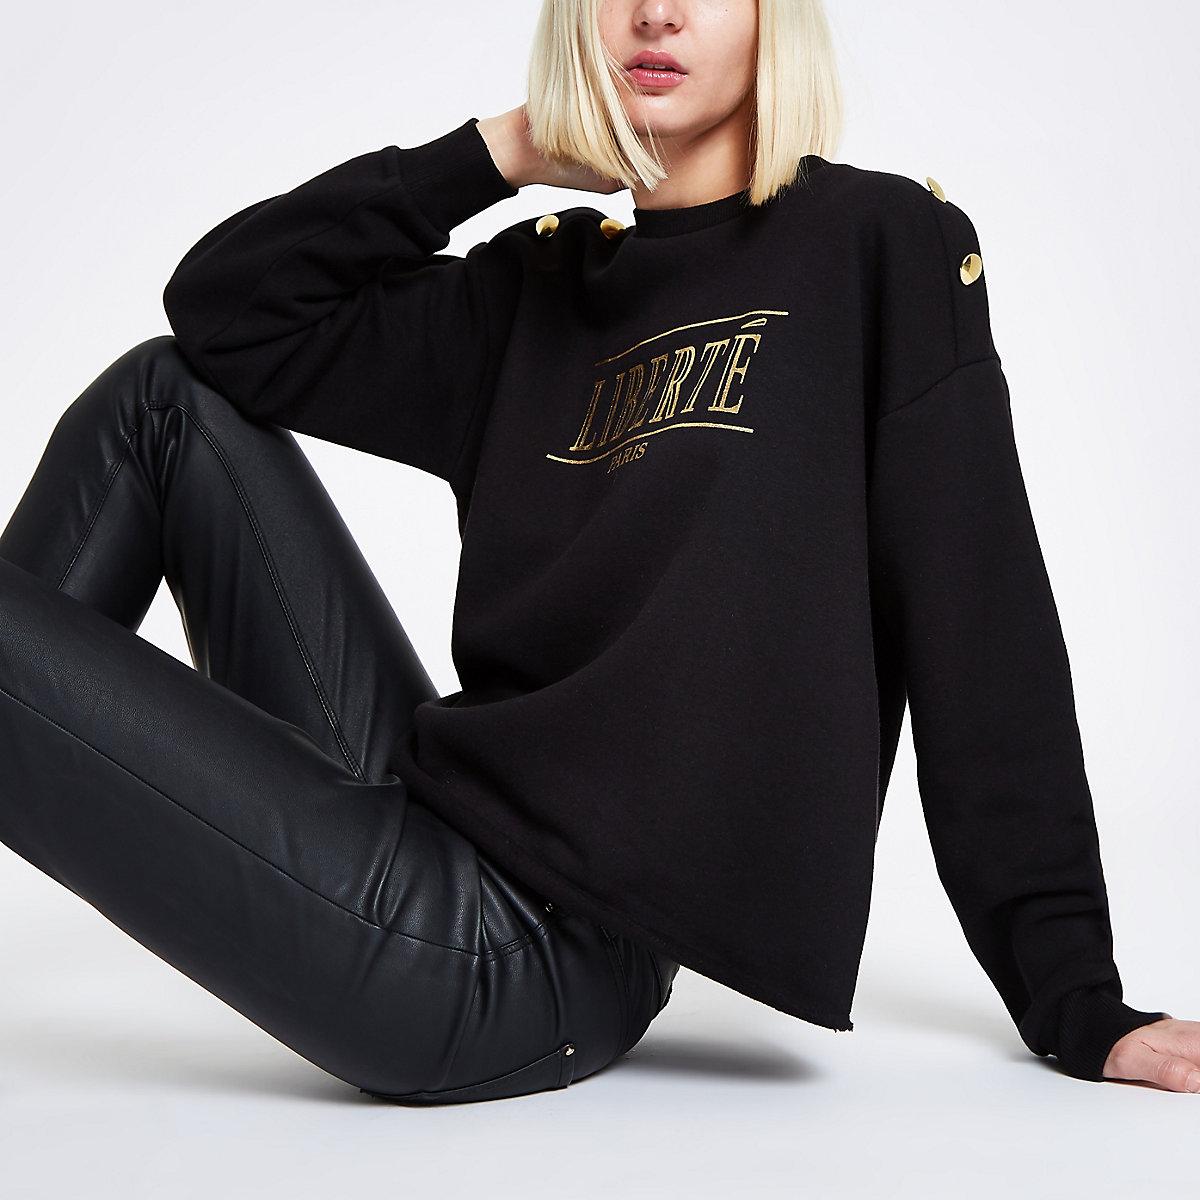 """Schwarzes Sweatshirt """"Liberte"""" mit Knopfdetails an der Schulter"""